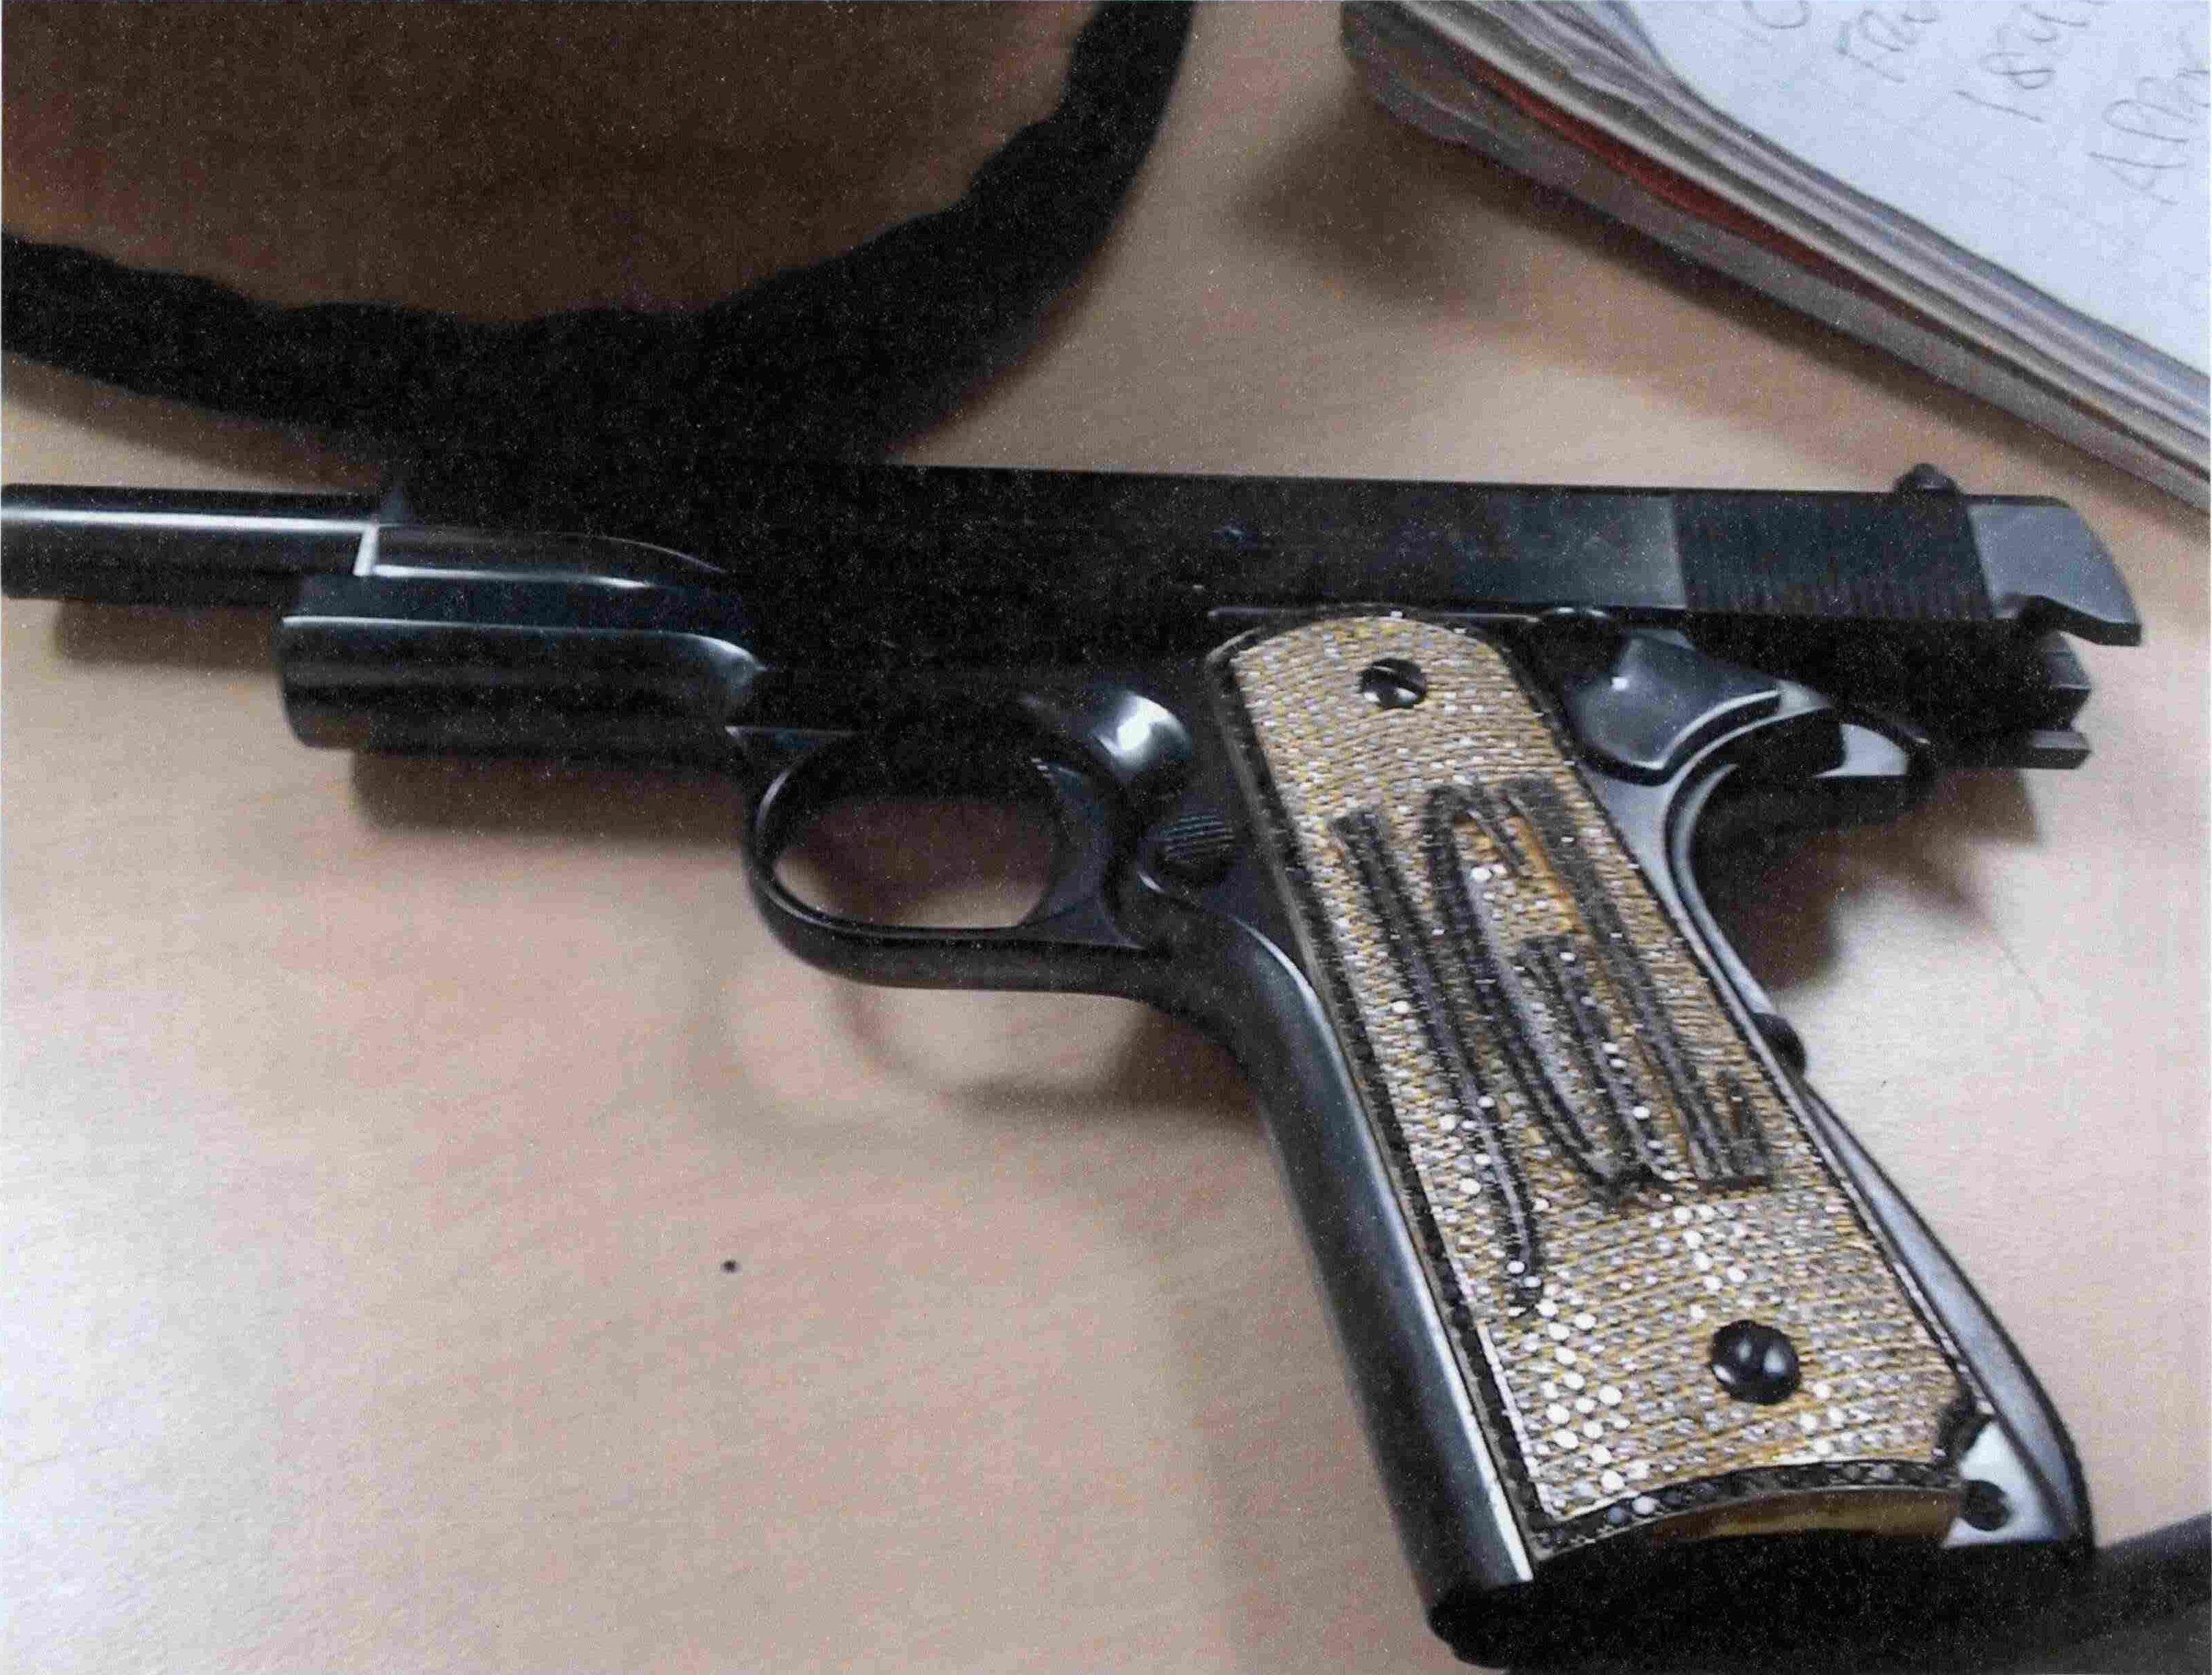 La pistola favorita del narcotraficante y criminal mexicano Joaquín 'Chapo' Guzmán